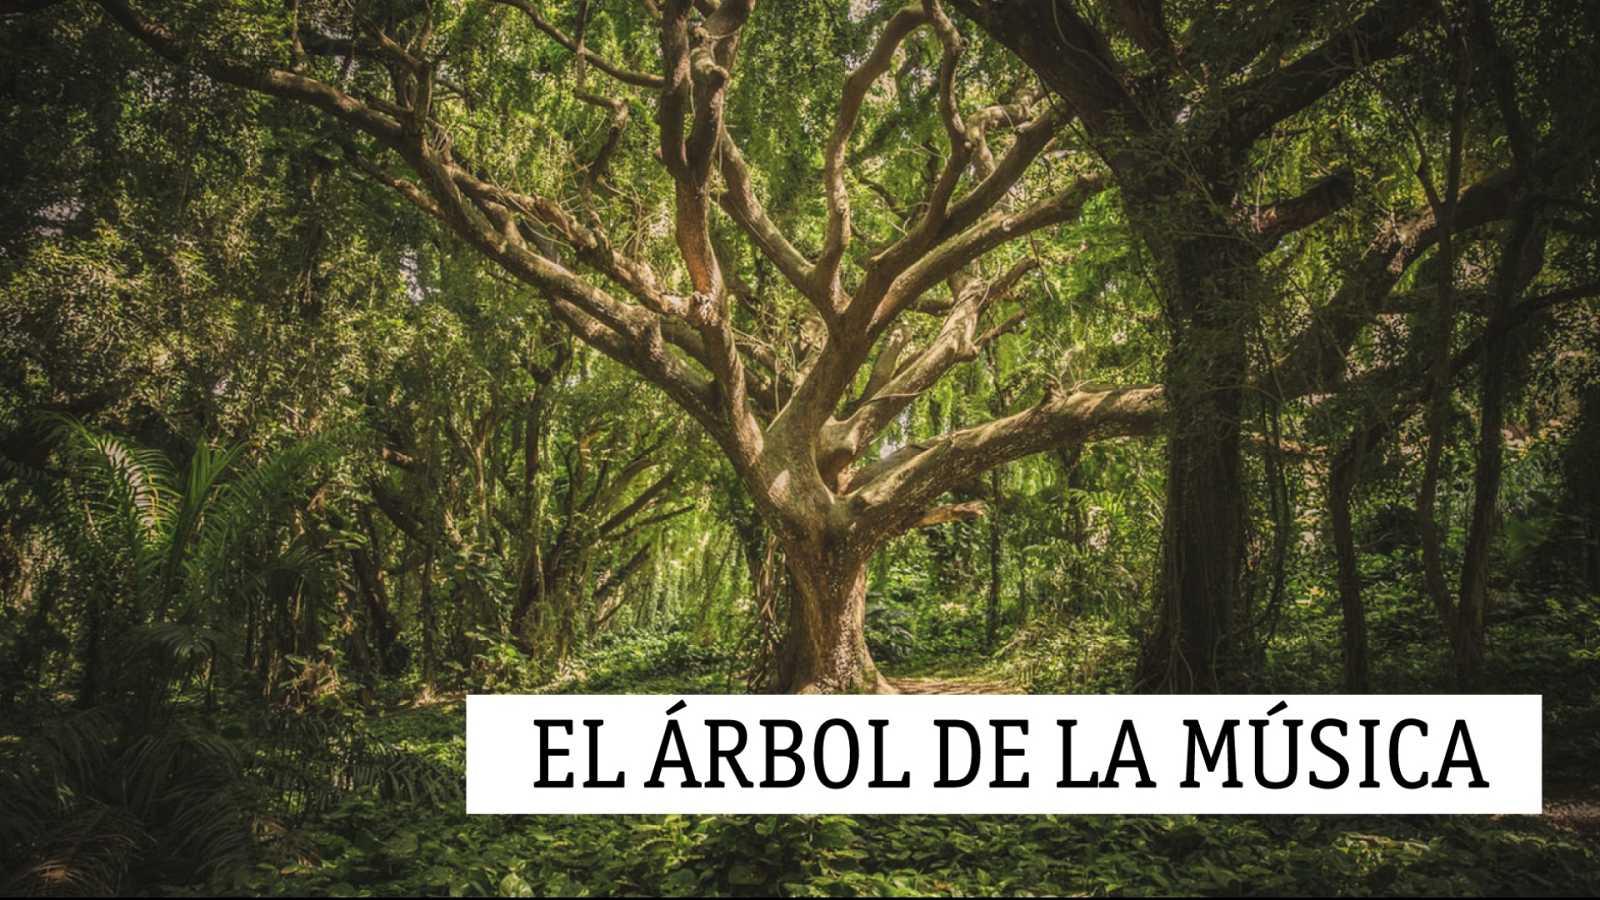 El árbol de la música - Los tres hijos del Rey - 14/03/21 - escuchar ahora